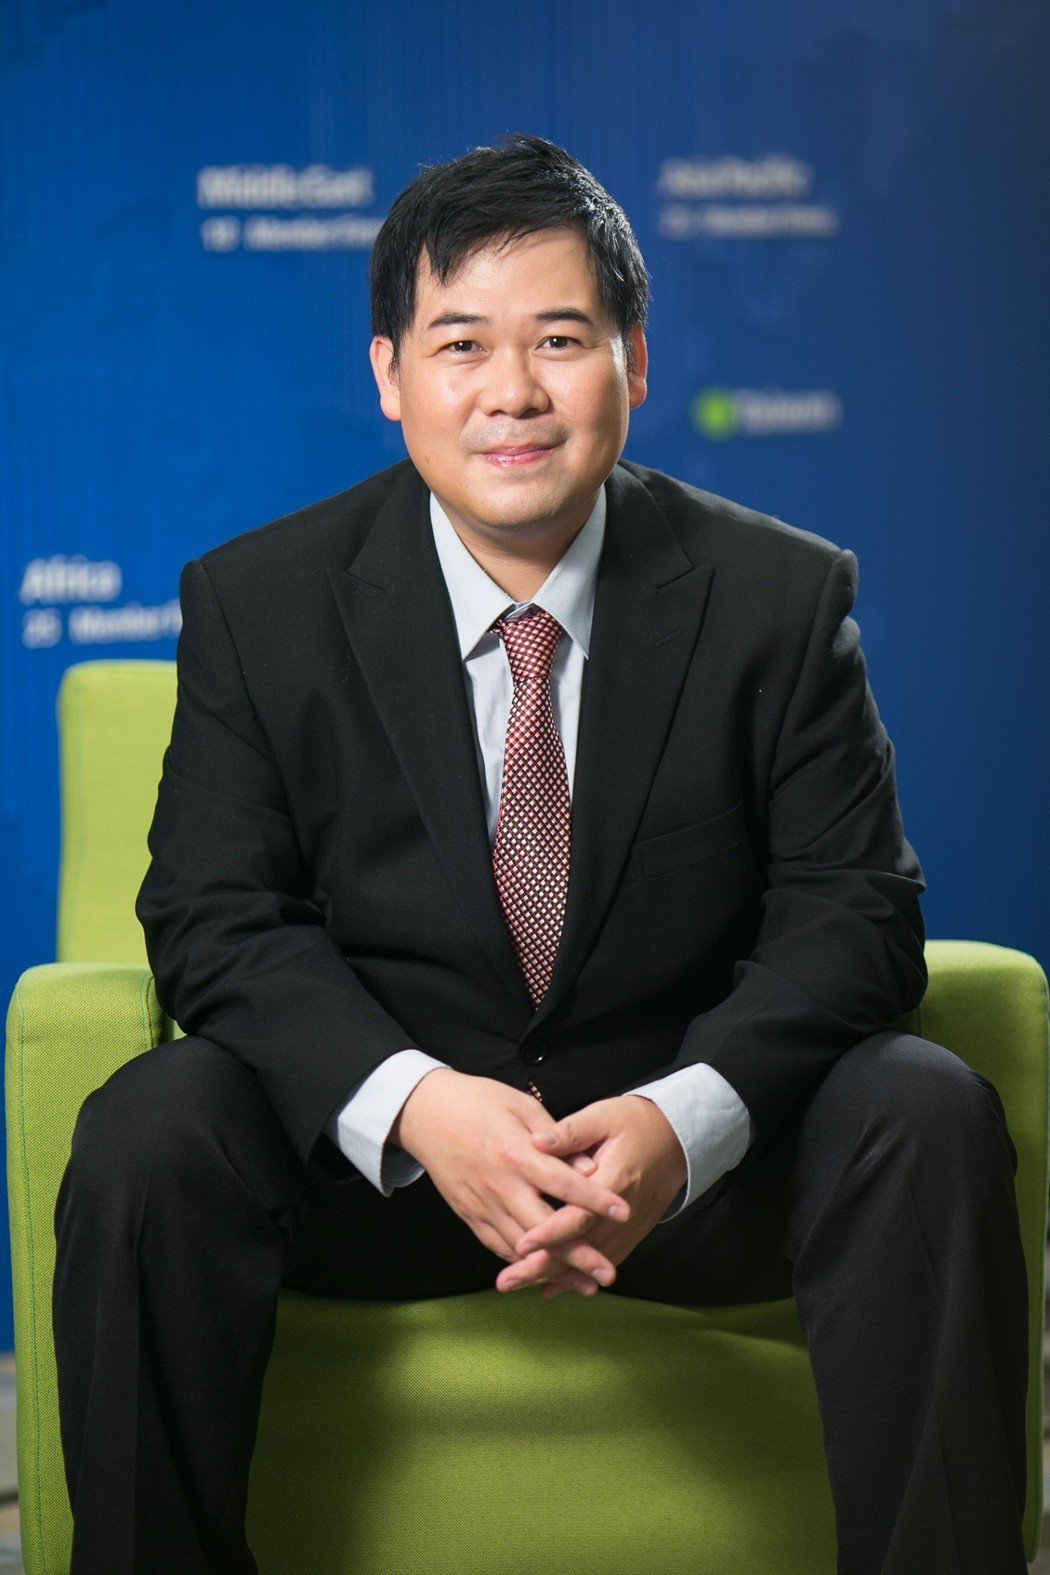 勤業眾信聯合會計師事務所稅務部協理王瑞鴻。圖/勤業眾信提供